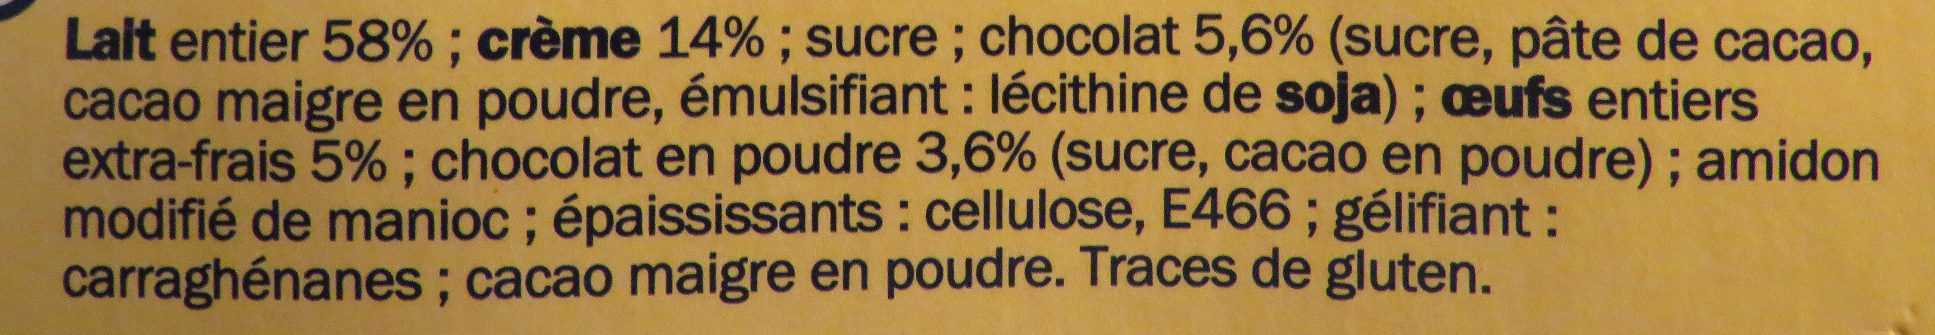 Petit pot de crème choco - Ingredientes - fr